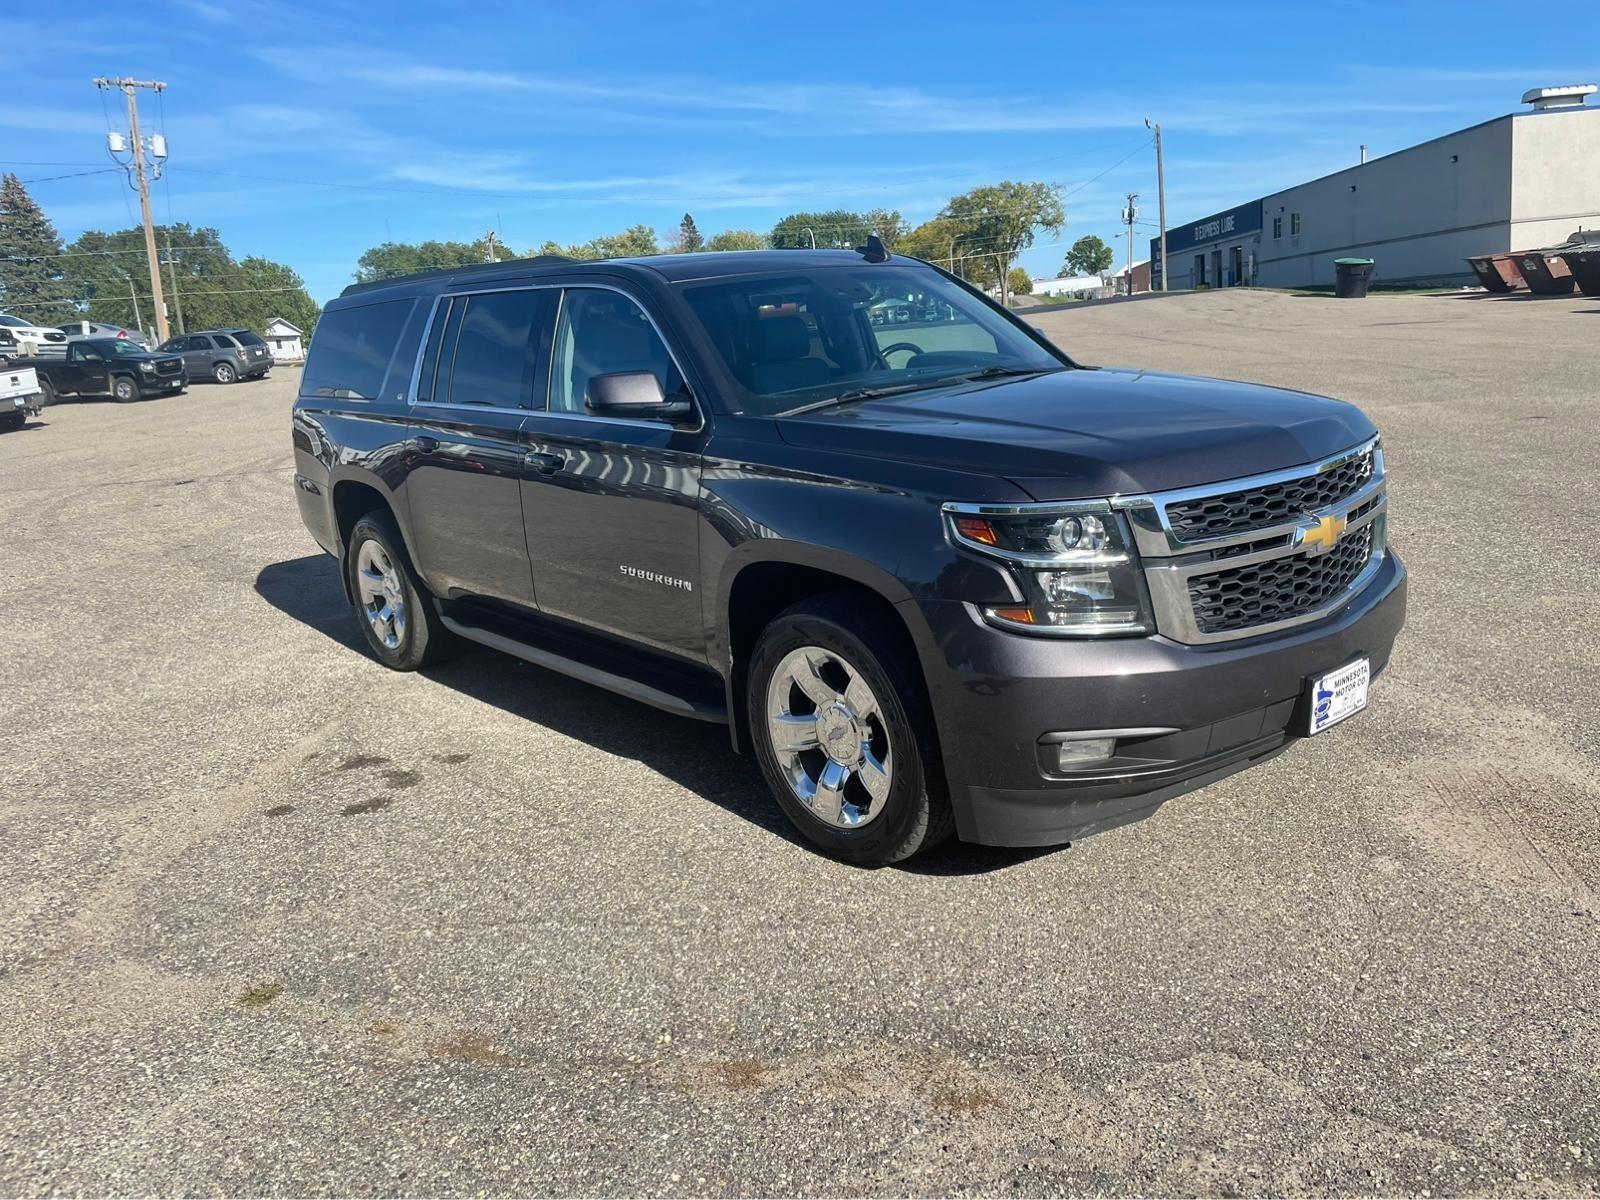 Used 2016 Chevrolet Suburban LT with VIN 1GNSKHKC5GR136081 for sale in Fergus Falls, Minnesota